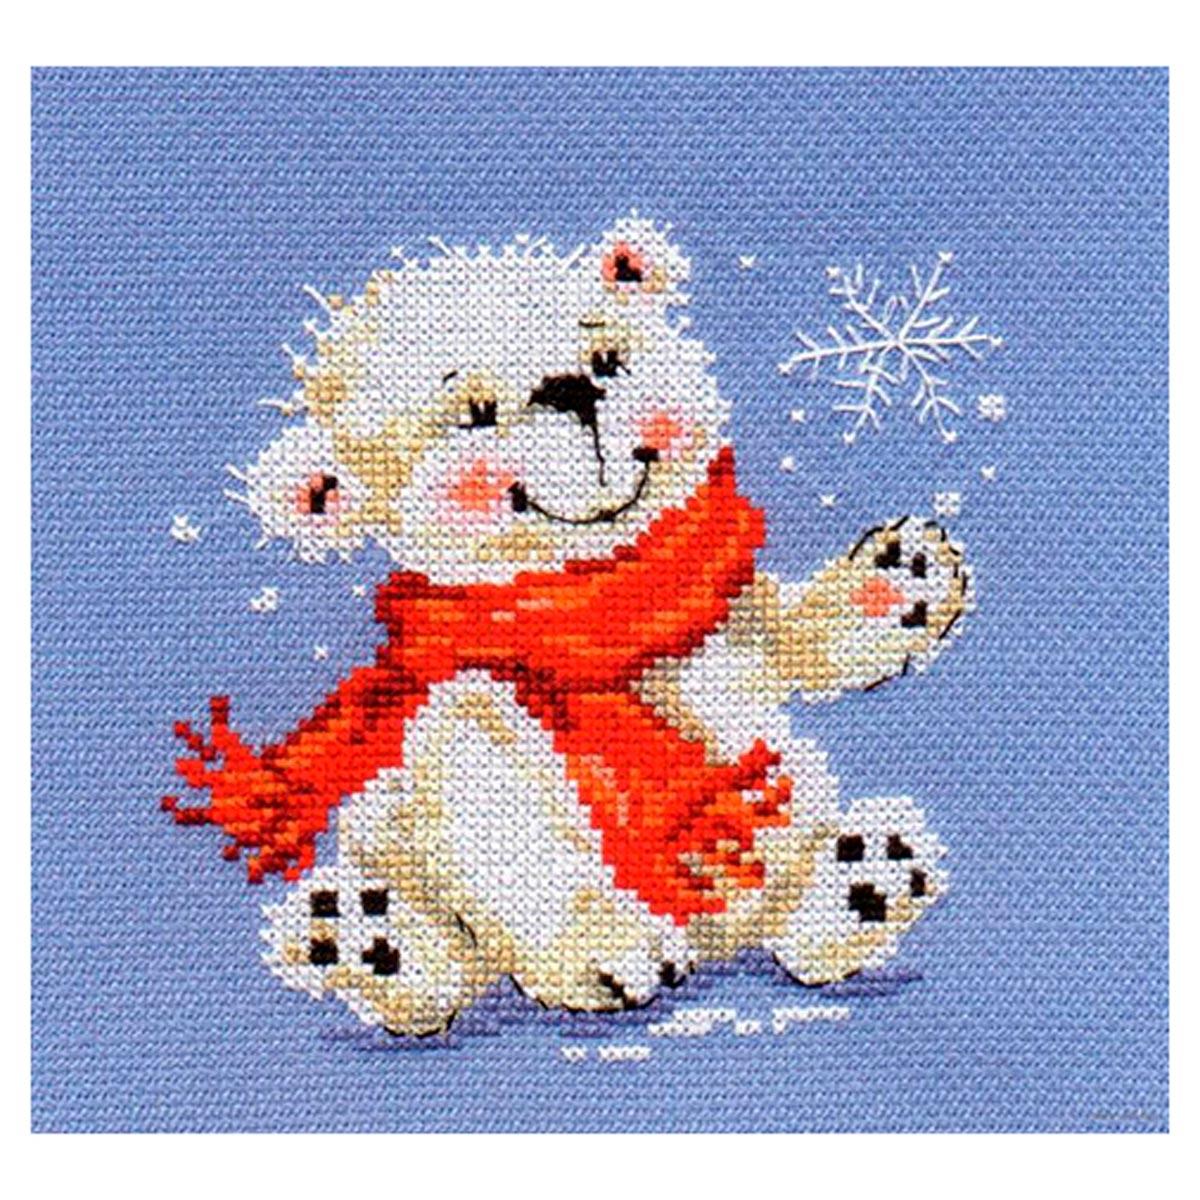 0-53 Набор для вышивания АЛИСА 'Белый медвежонок' 12*13см фото